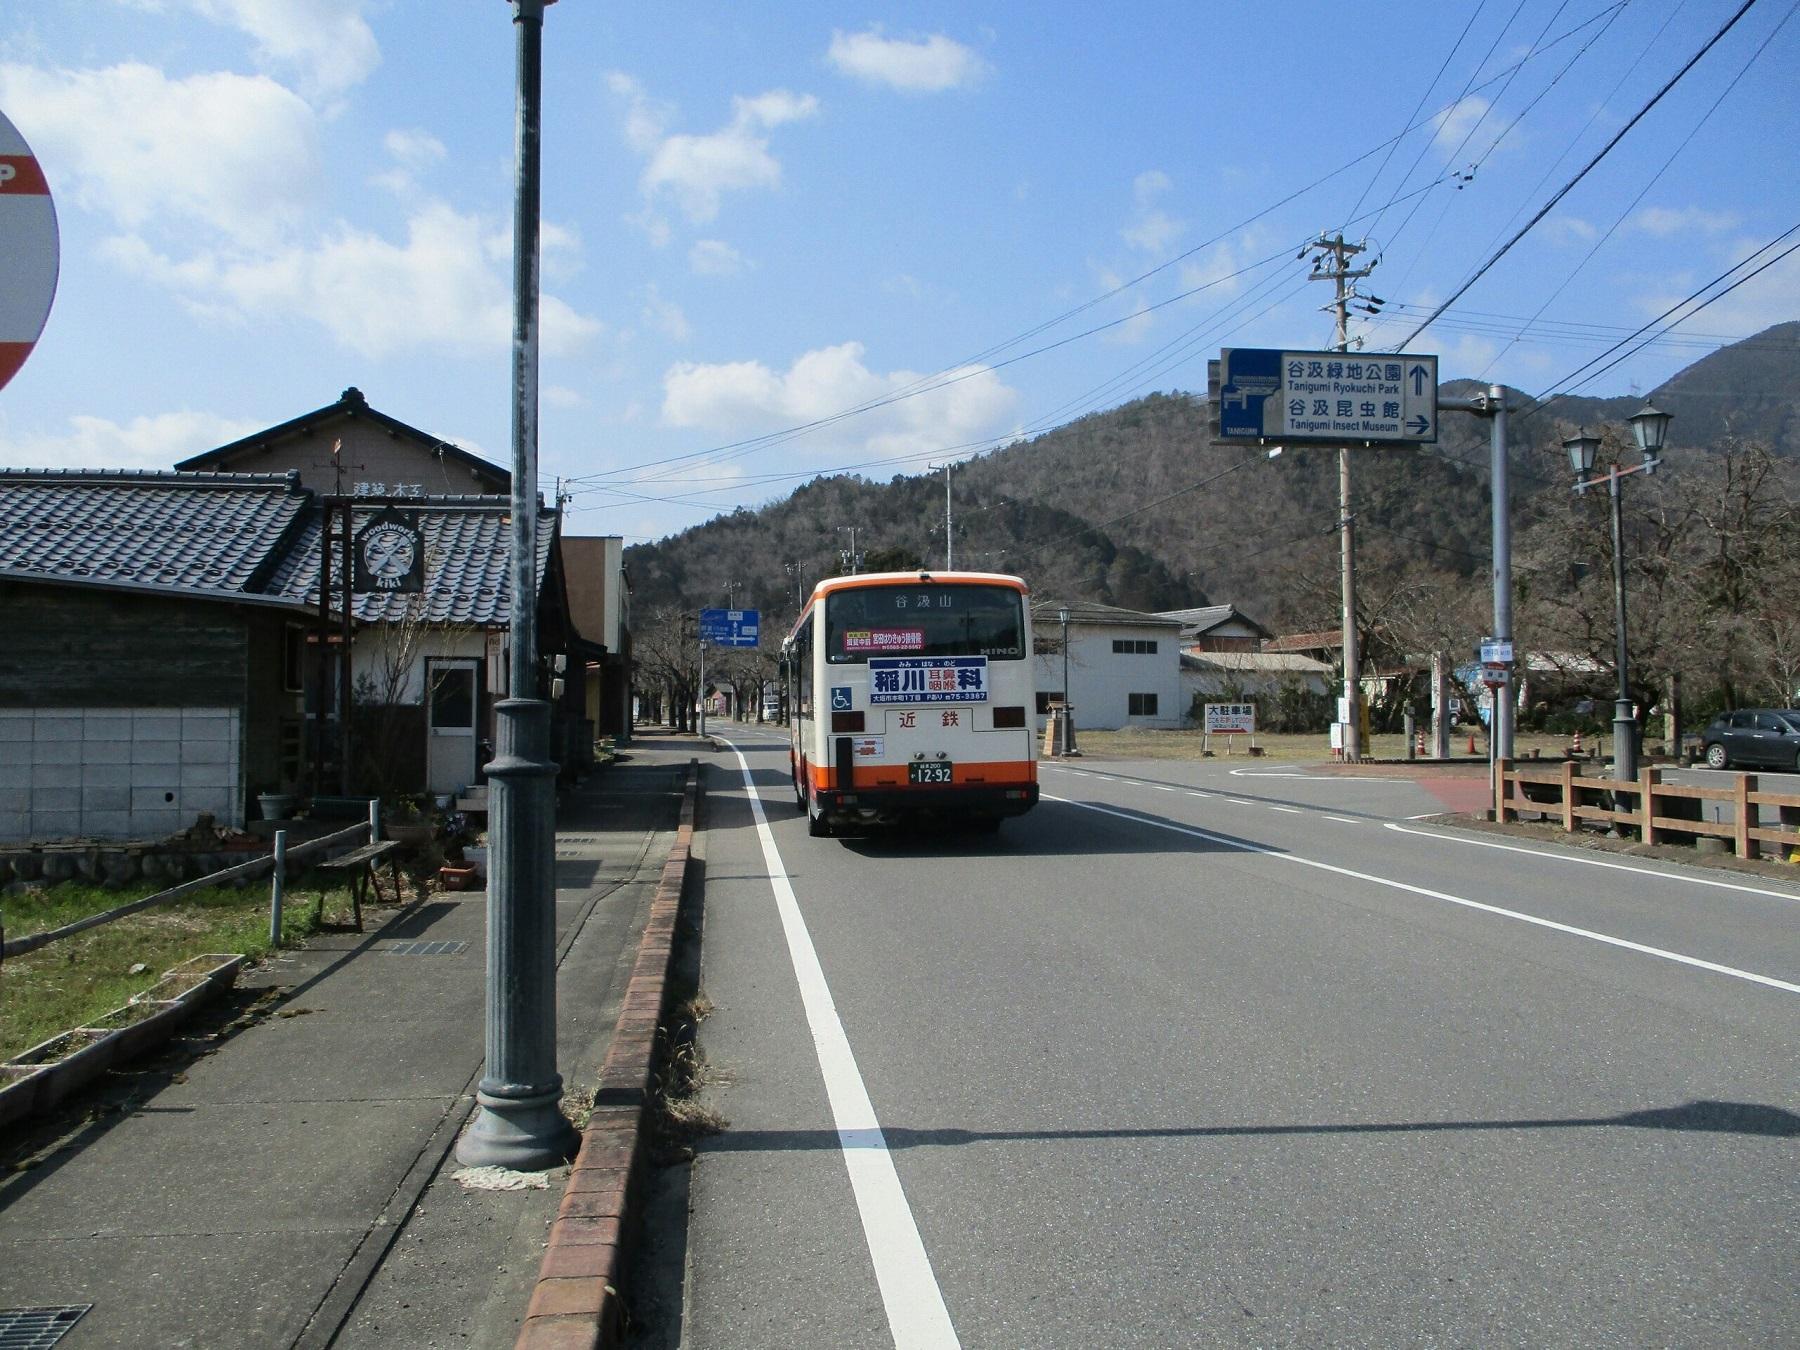 2019.3.1 (139) 谷汲バス停 - 谷汲山いきバス 1800-1350